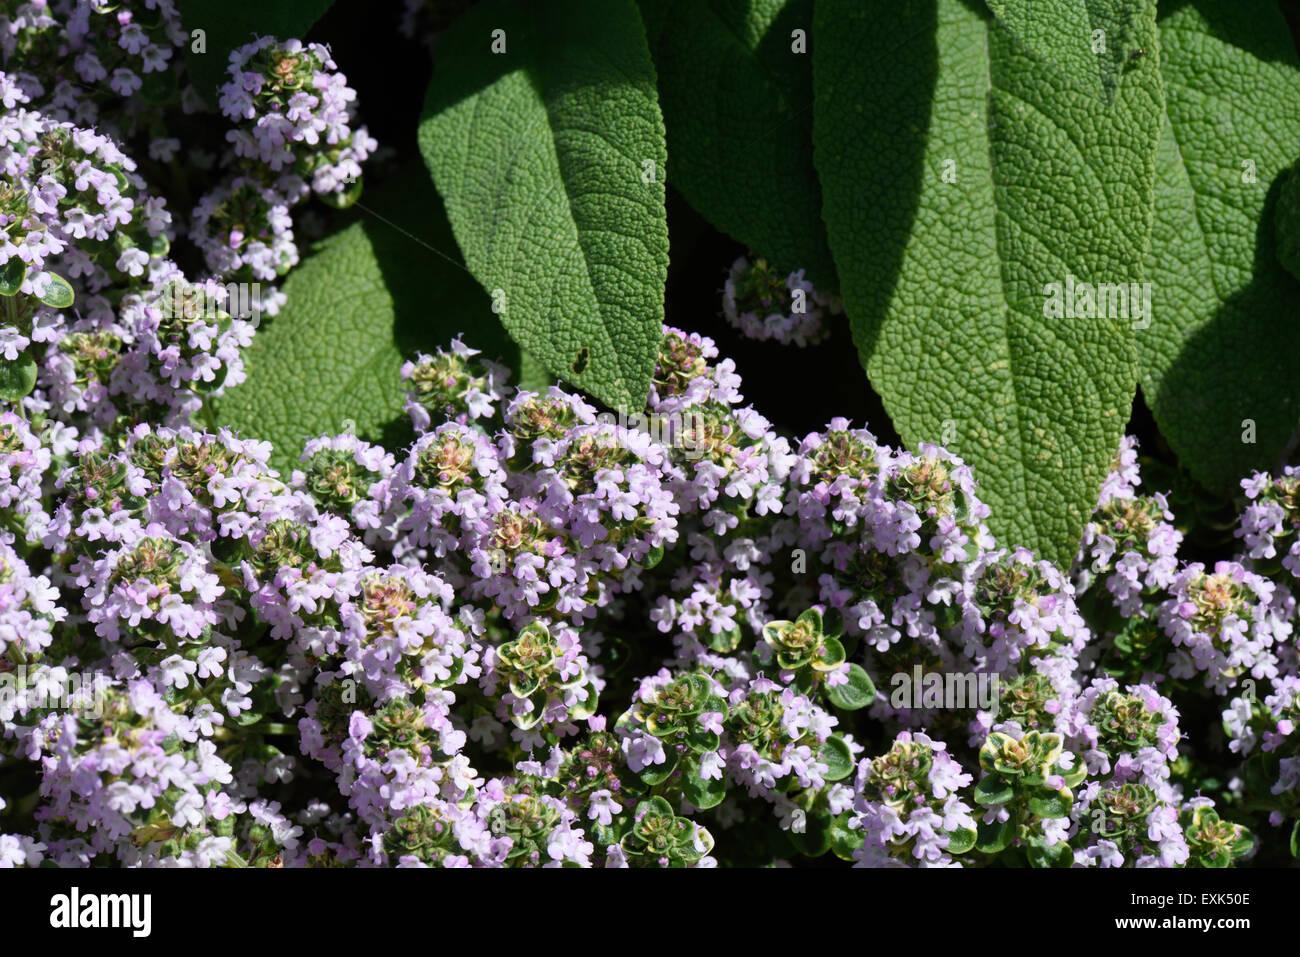 Soulevées lit pour les herbes aromatiques, le thym (floraison) et de la sauge pour la cuisine Photo Stock